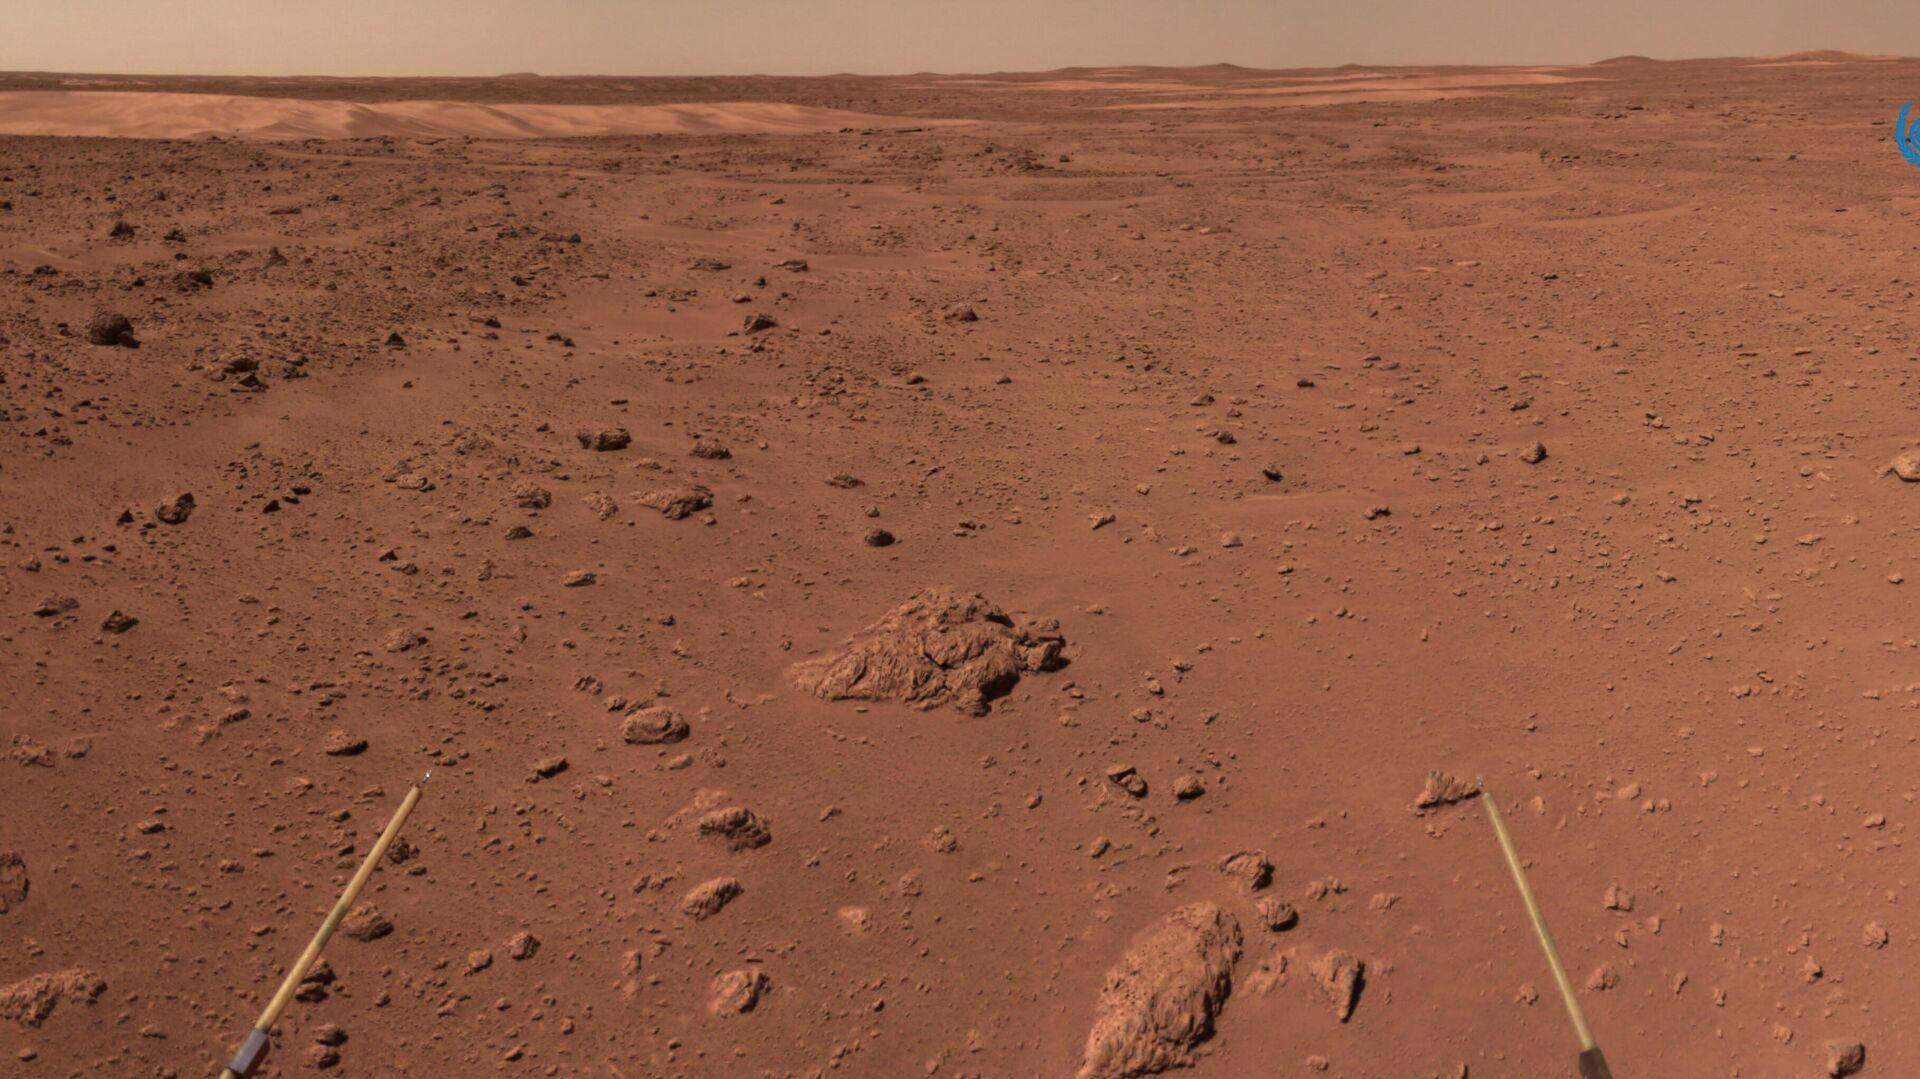 Китайский марсоход проехал по поверхности Марса более километра